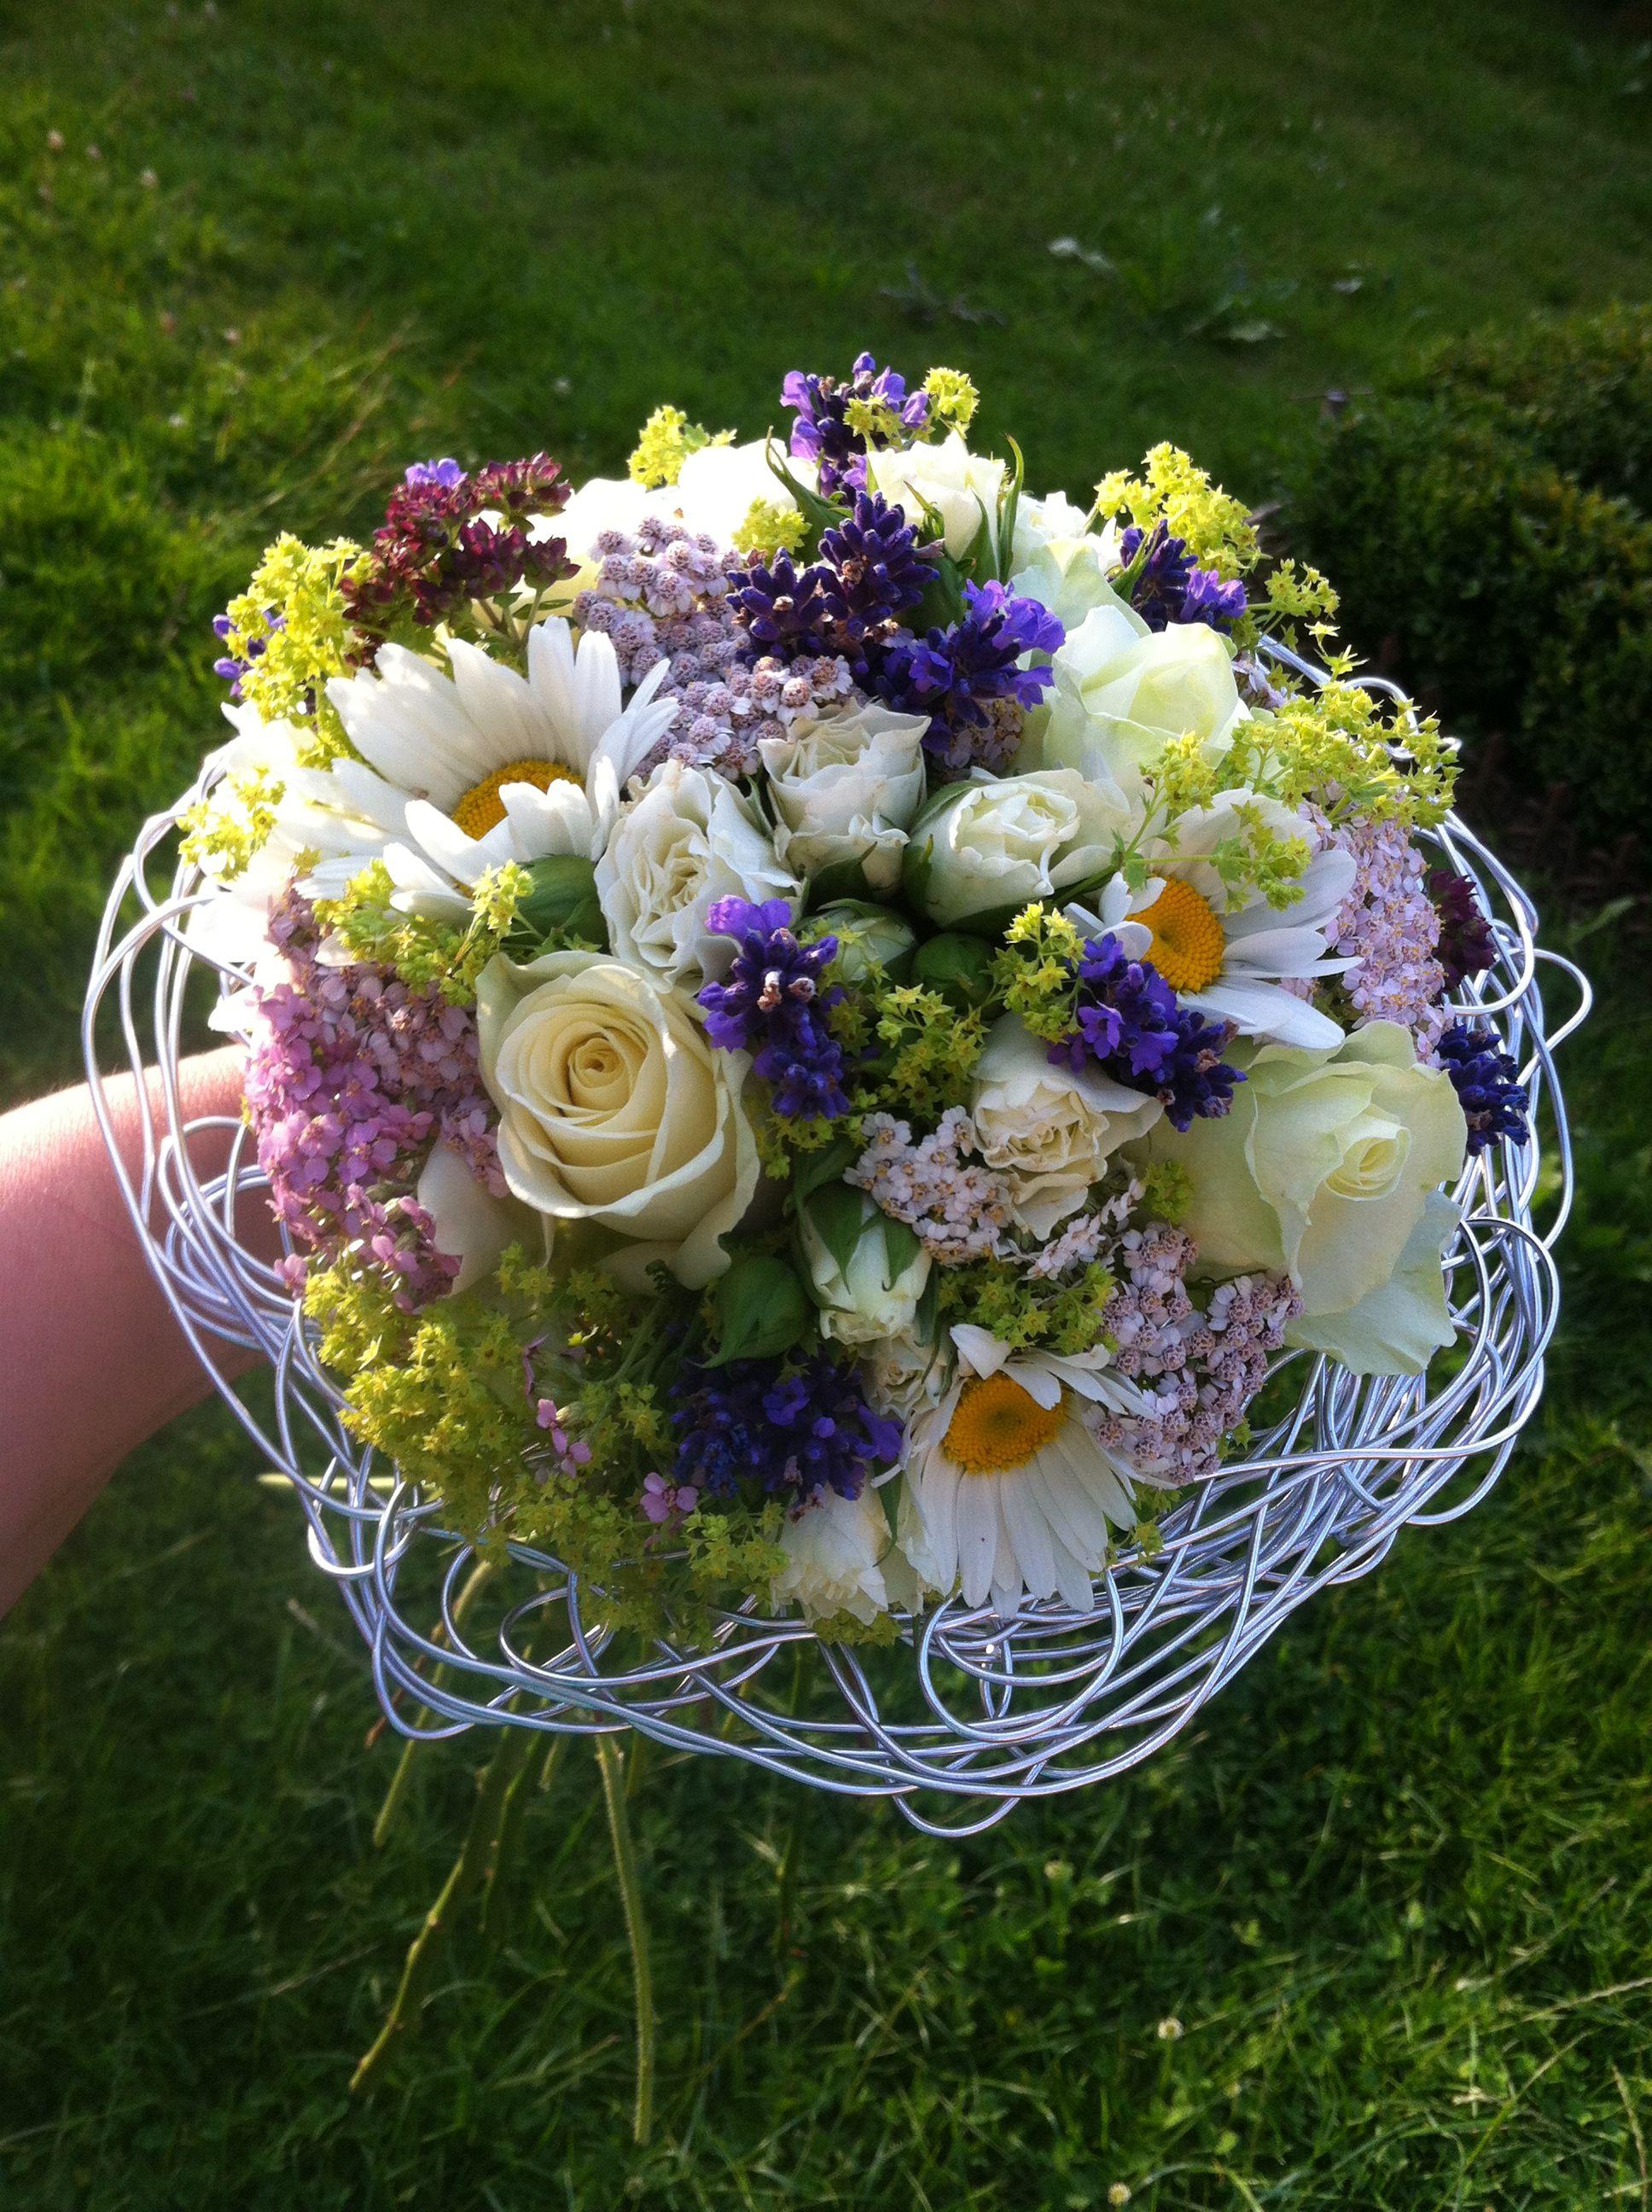 Duftiger Sommerwiesen Brautstrauss Mit Lavendel Margariten